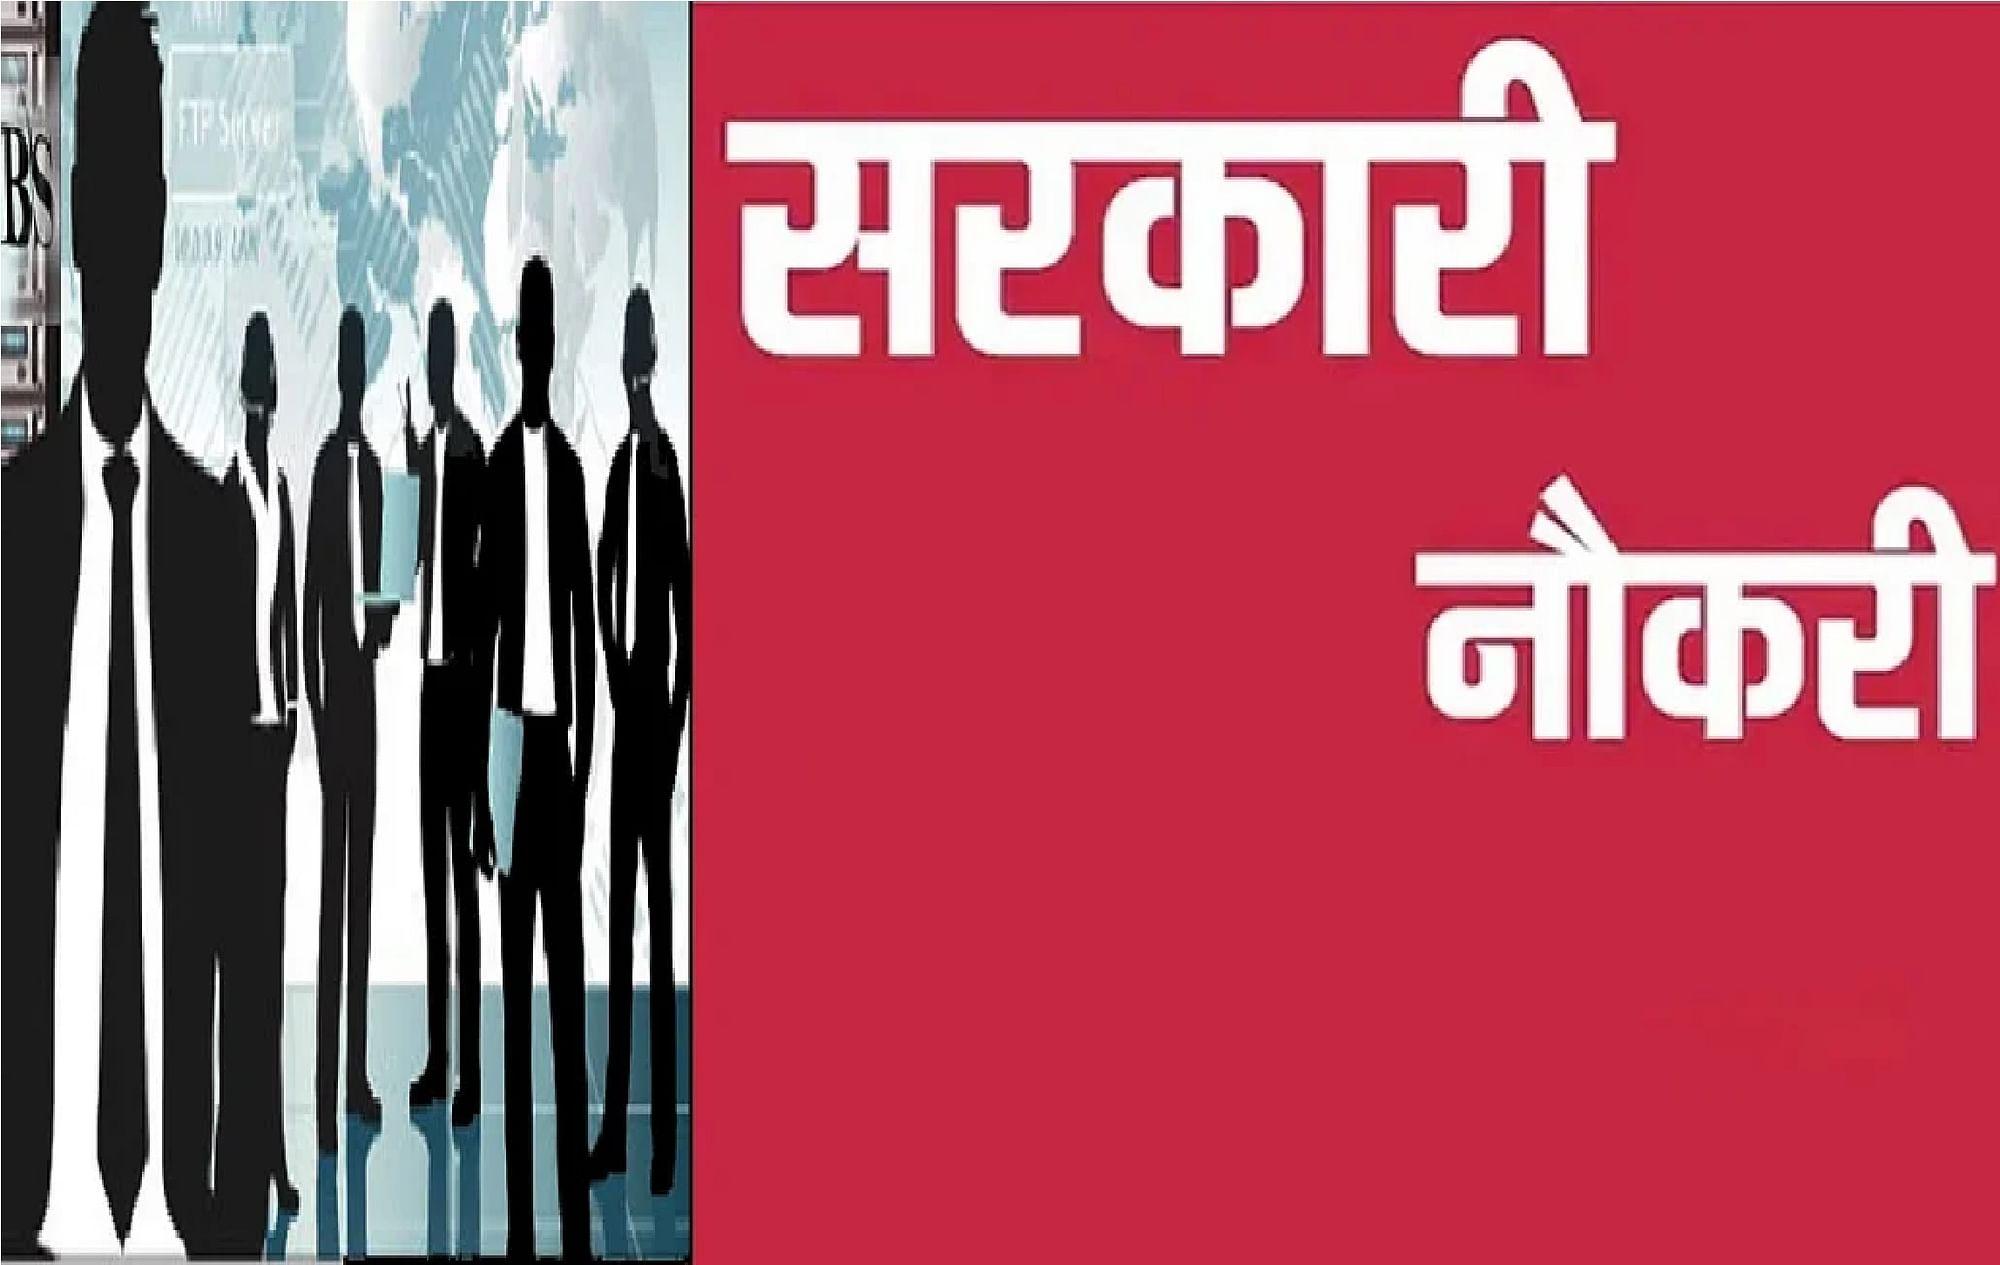 Sarkari Naukri : हर अंचल में डाटा एंट्री ऑपरेटरों की बहाली प्रक्रिया शुरू